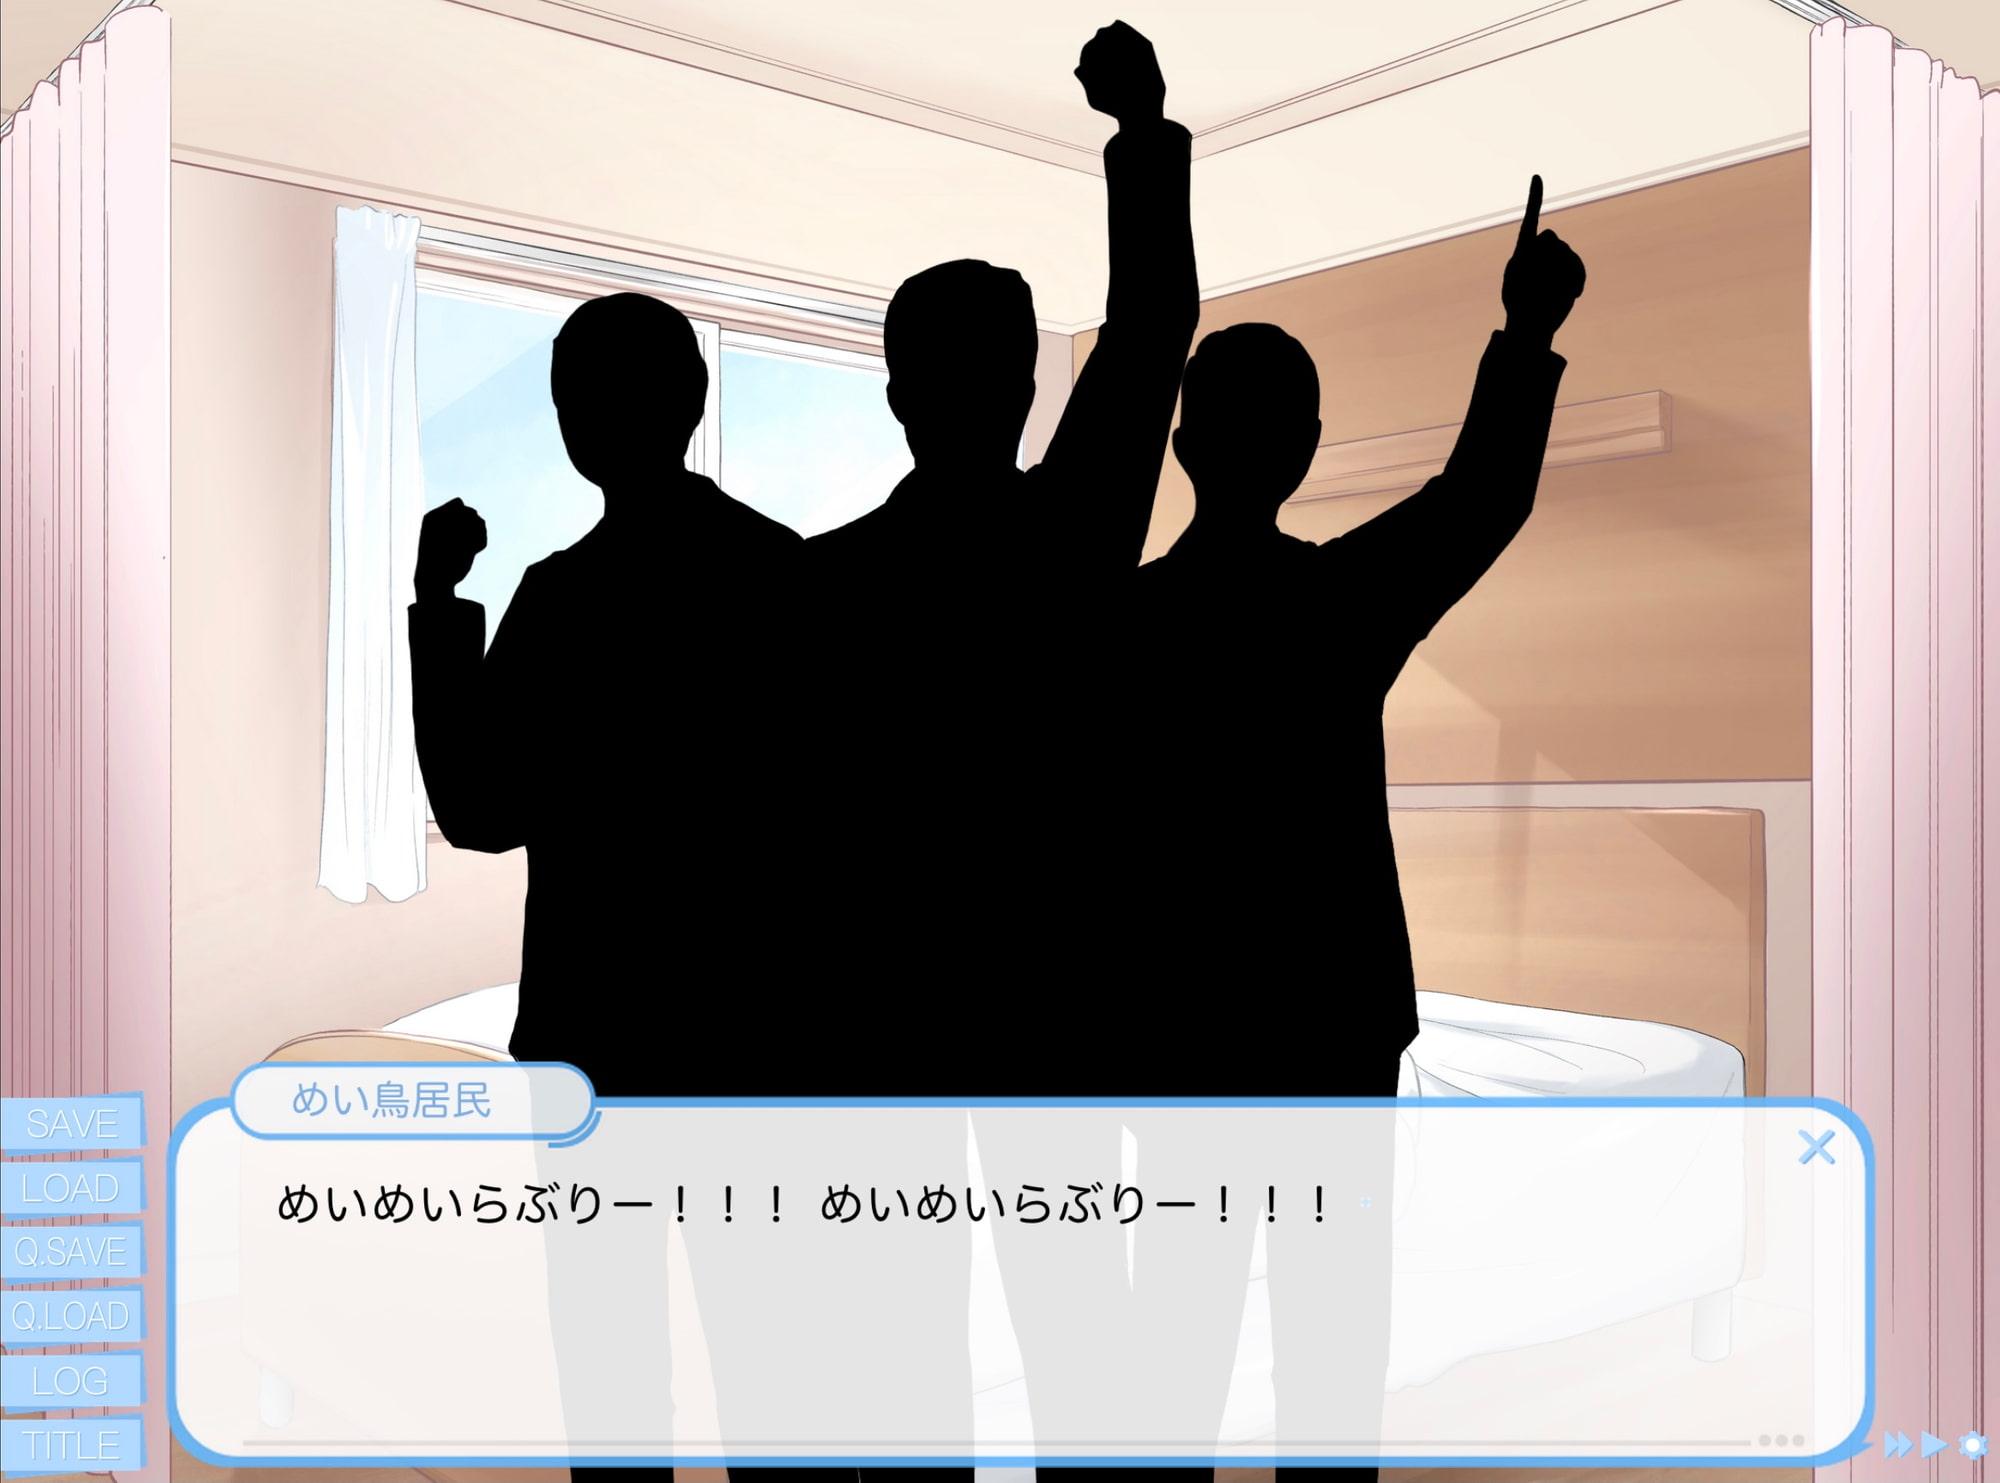 RJ300562 DOKIDOKIホスピタル LITE ~ぱる子編~ [20210602]